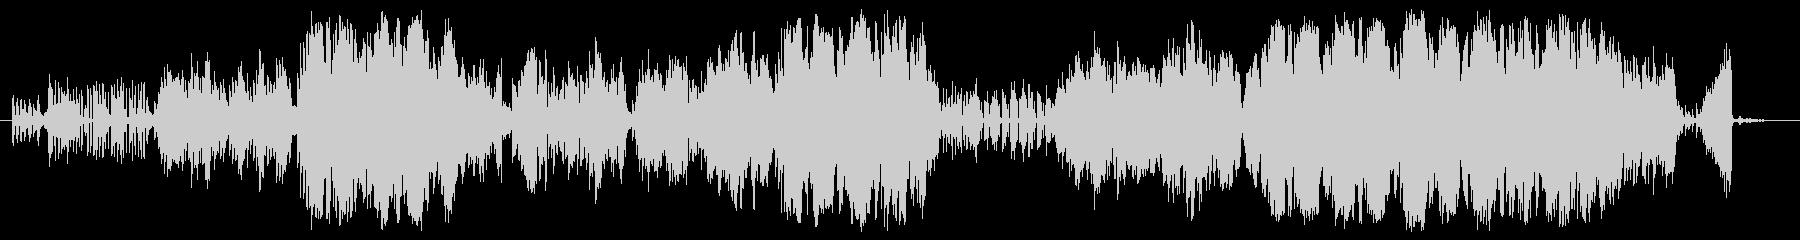 ドミノワルツの未再生の波形